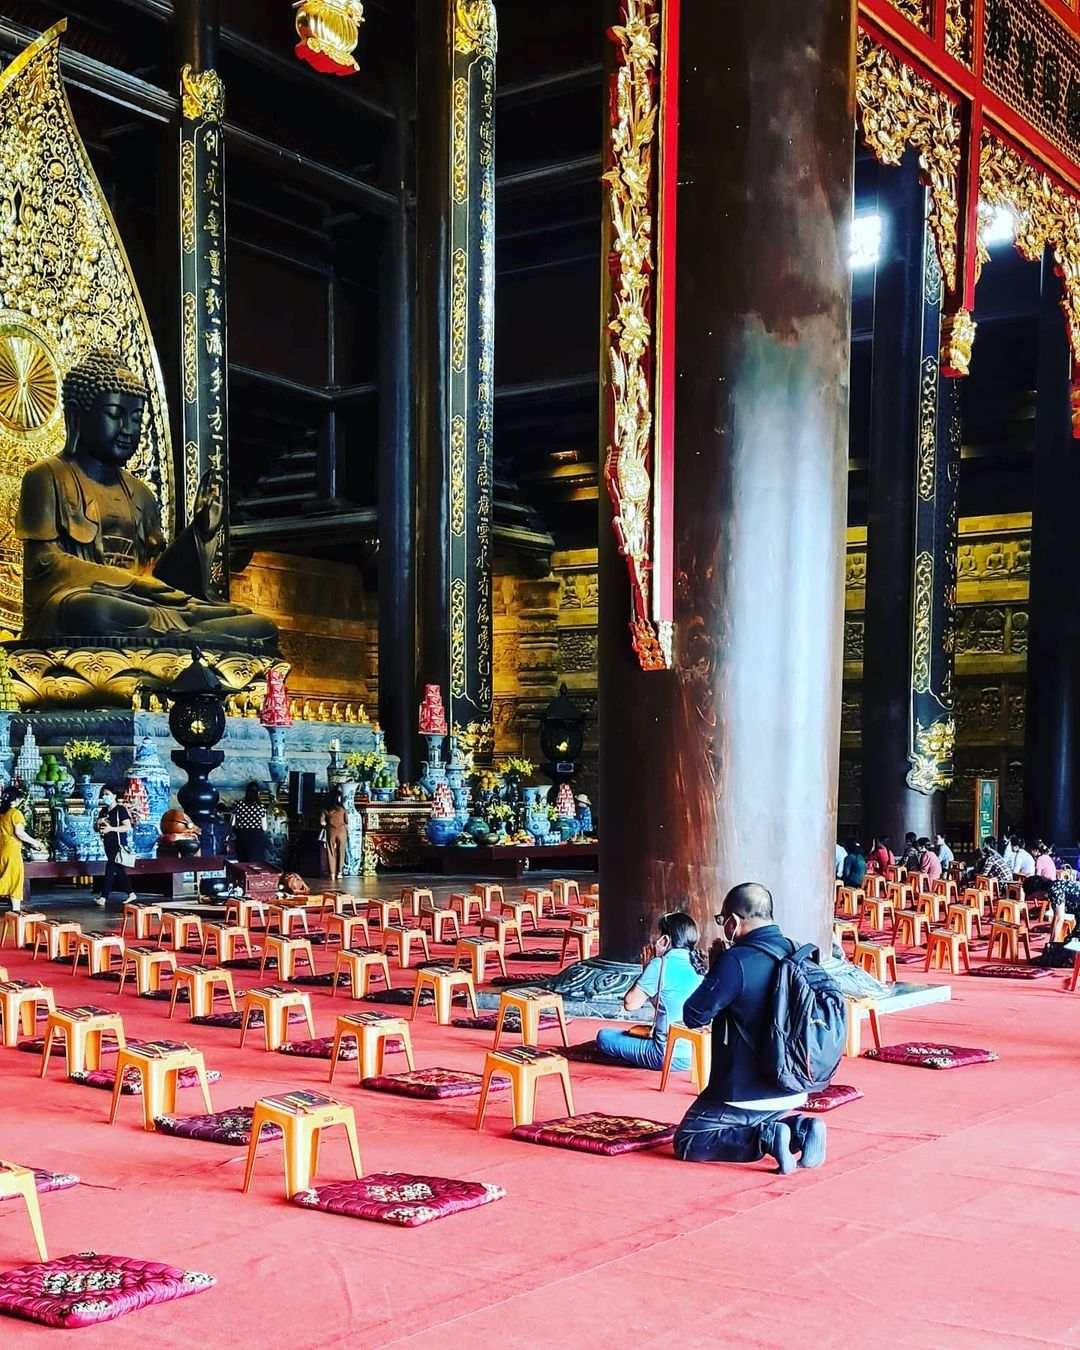 vietnam etiquette - leave shoes out of main altar